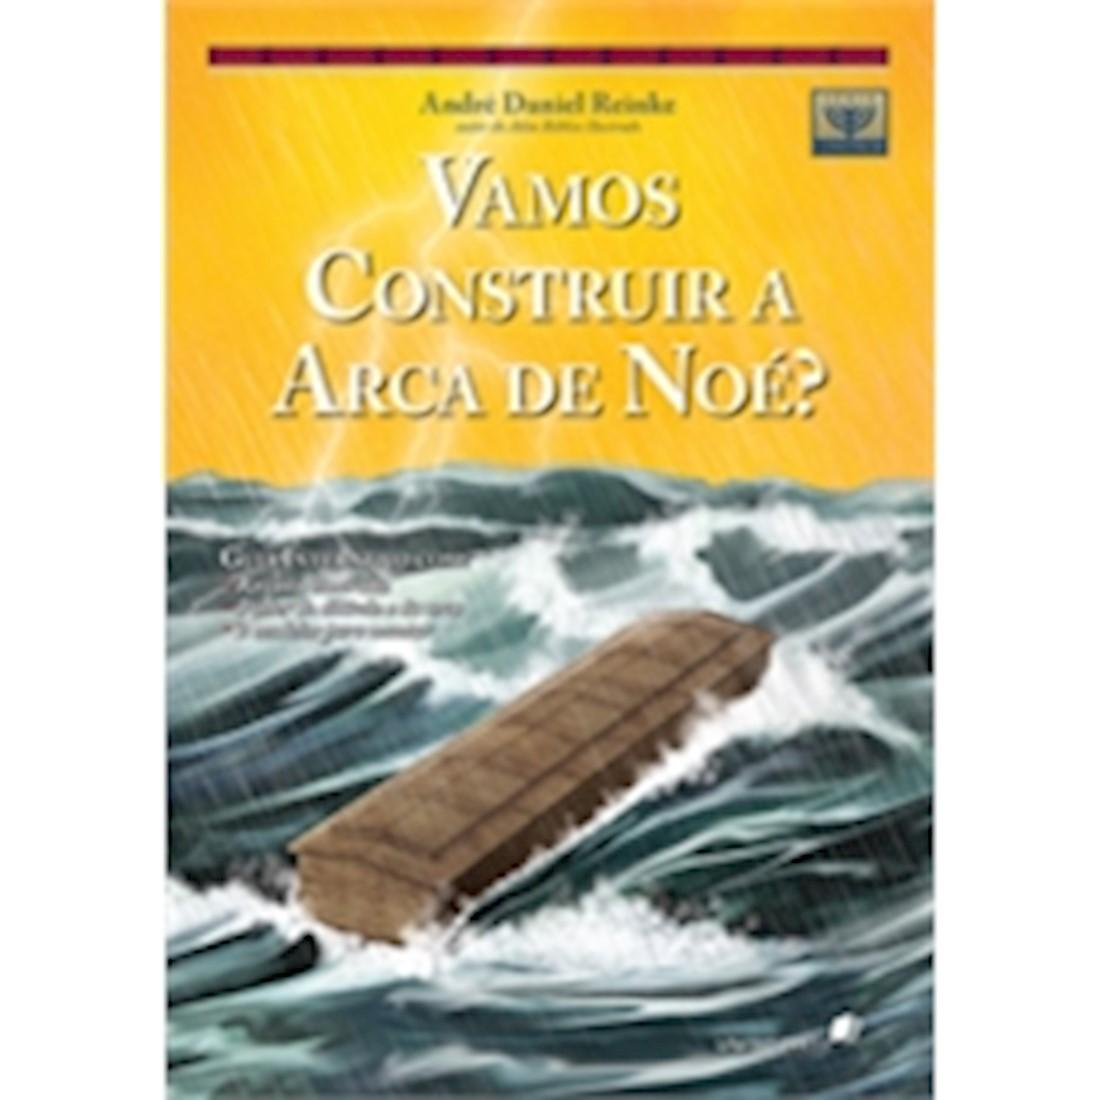 Livro Vamos Construir a Arca de Noé?